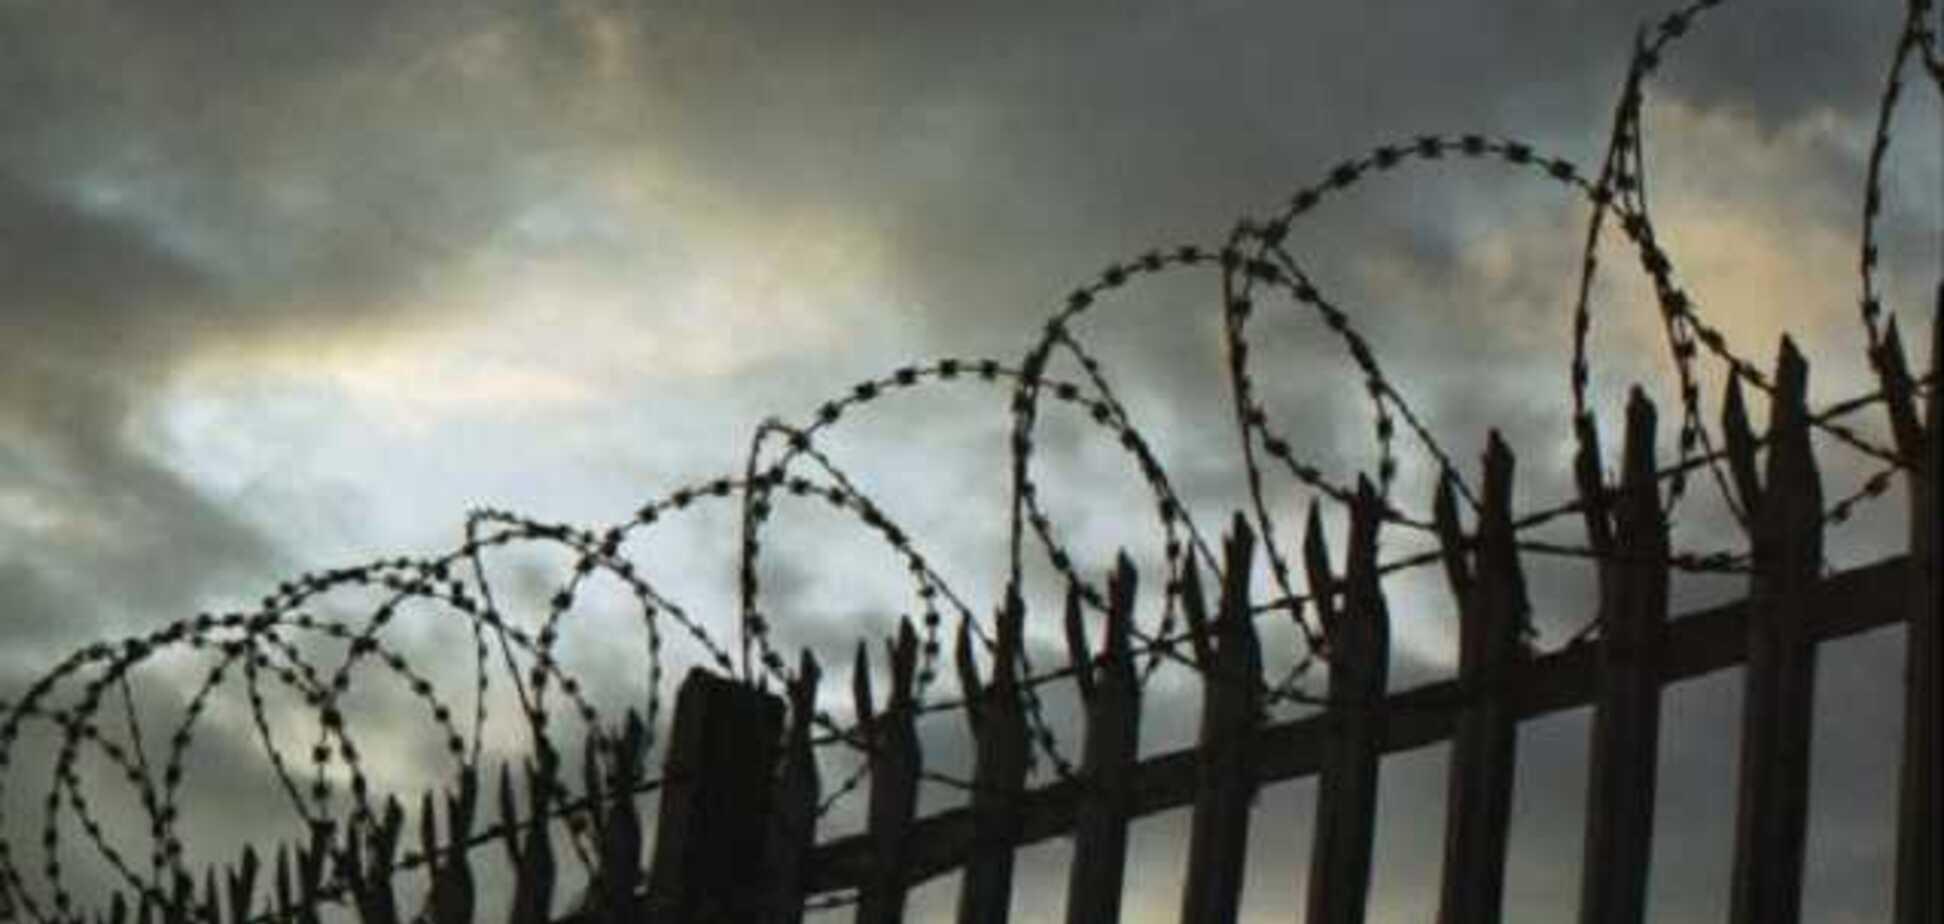 Еще 7 лет тюрьмы: экс-заключенный сядет за изнасилование девочки в Днепре